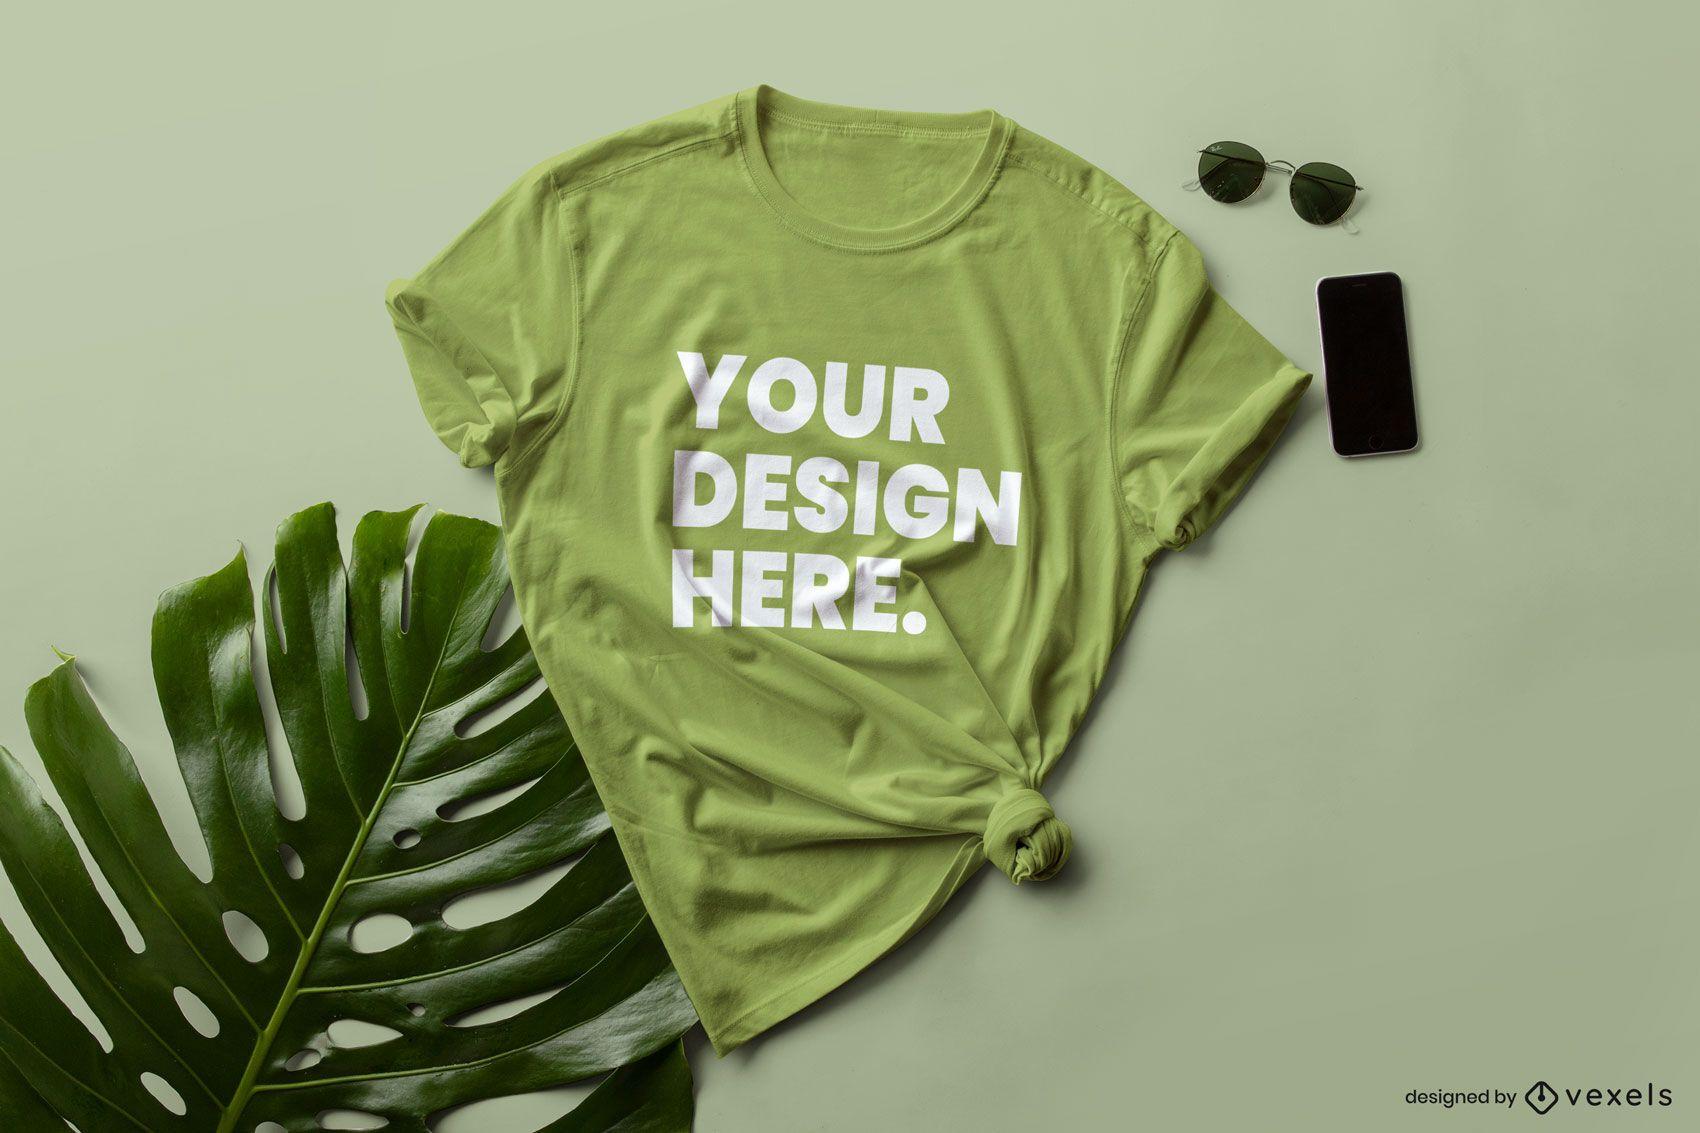 Gebundene T-Shirt Modell Zusammensetzung